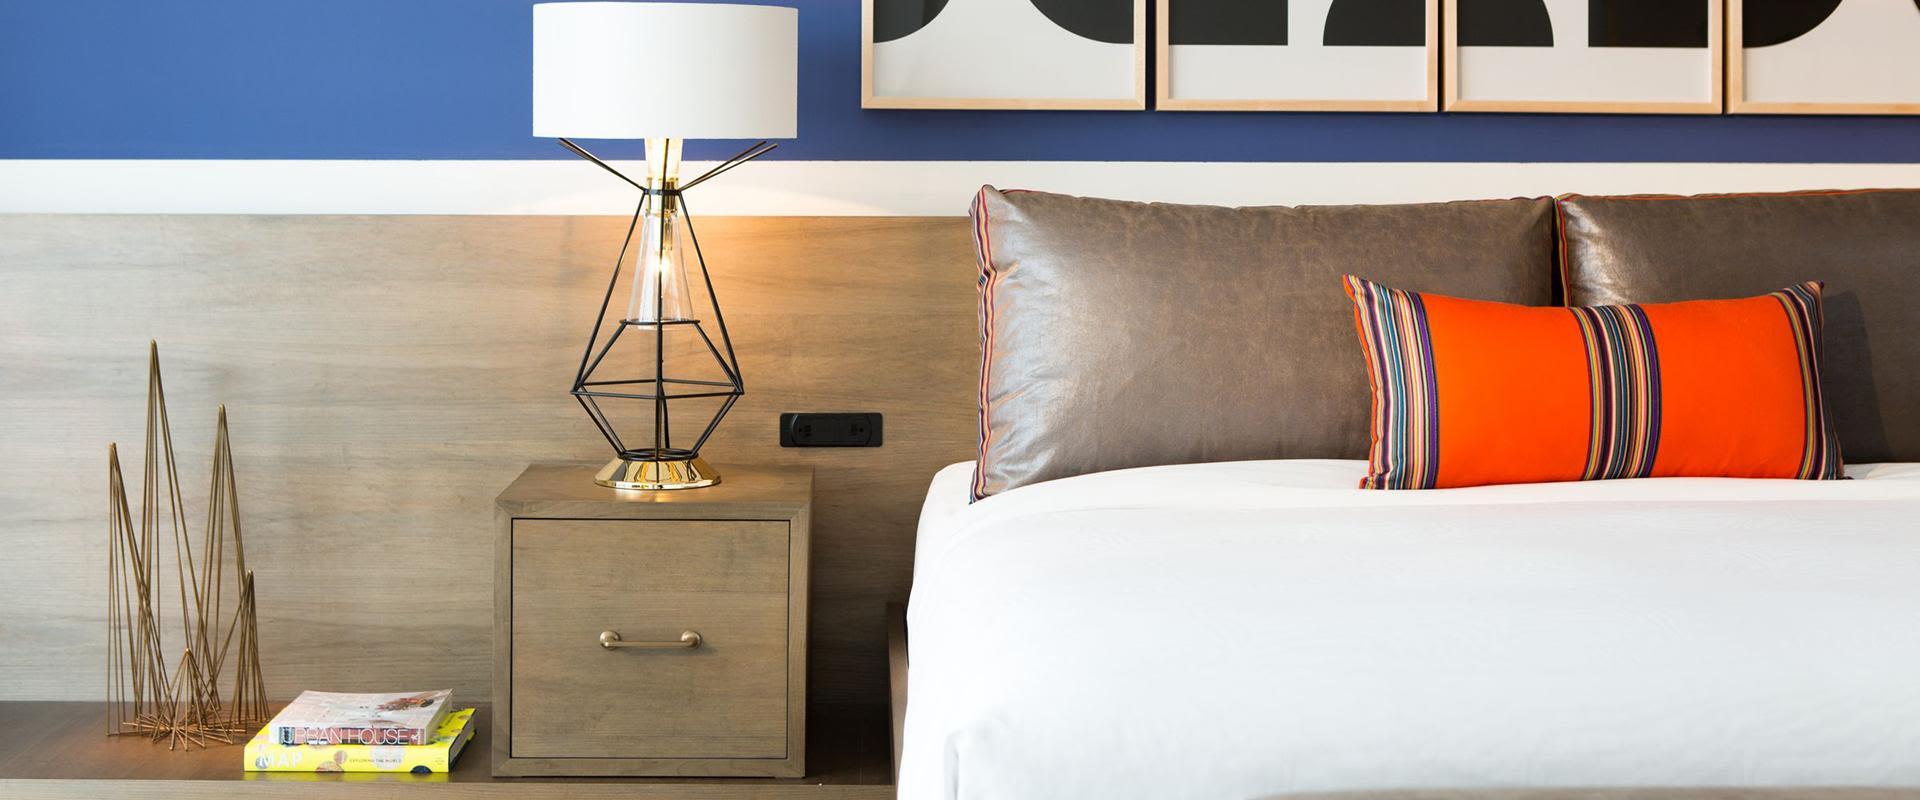 Dupont Circle Executive Studio Bed